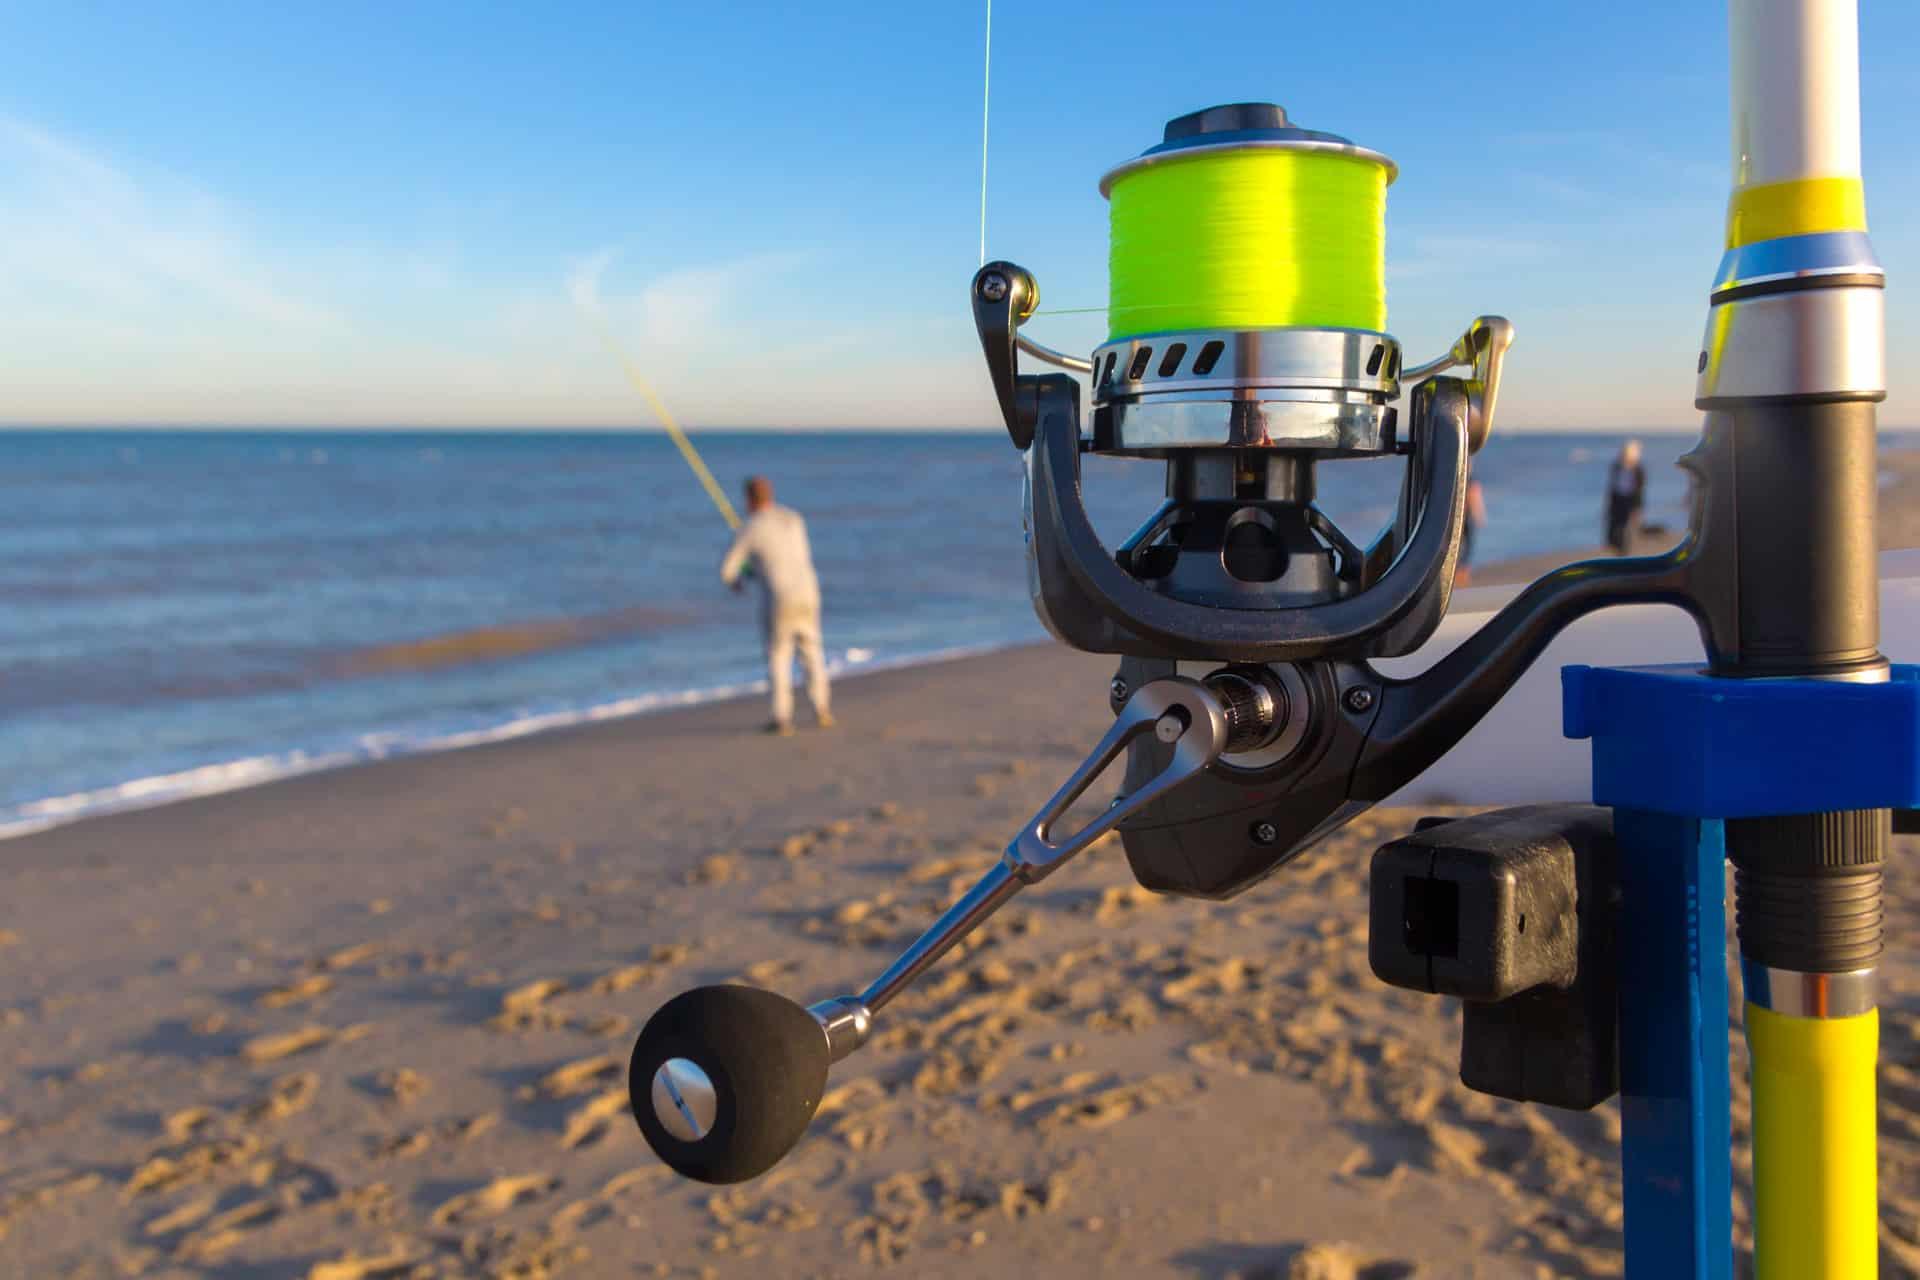 entretenir son moulinet de canne à pêche